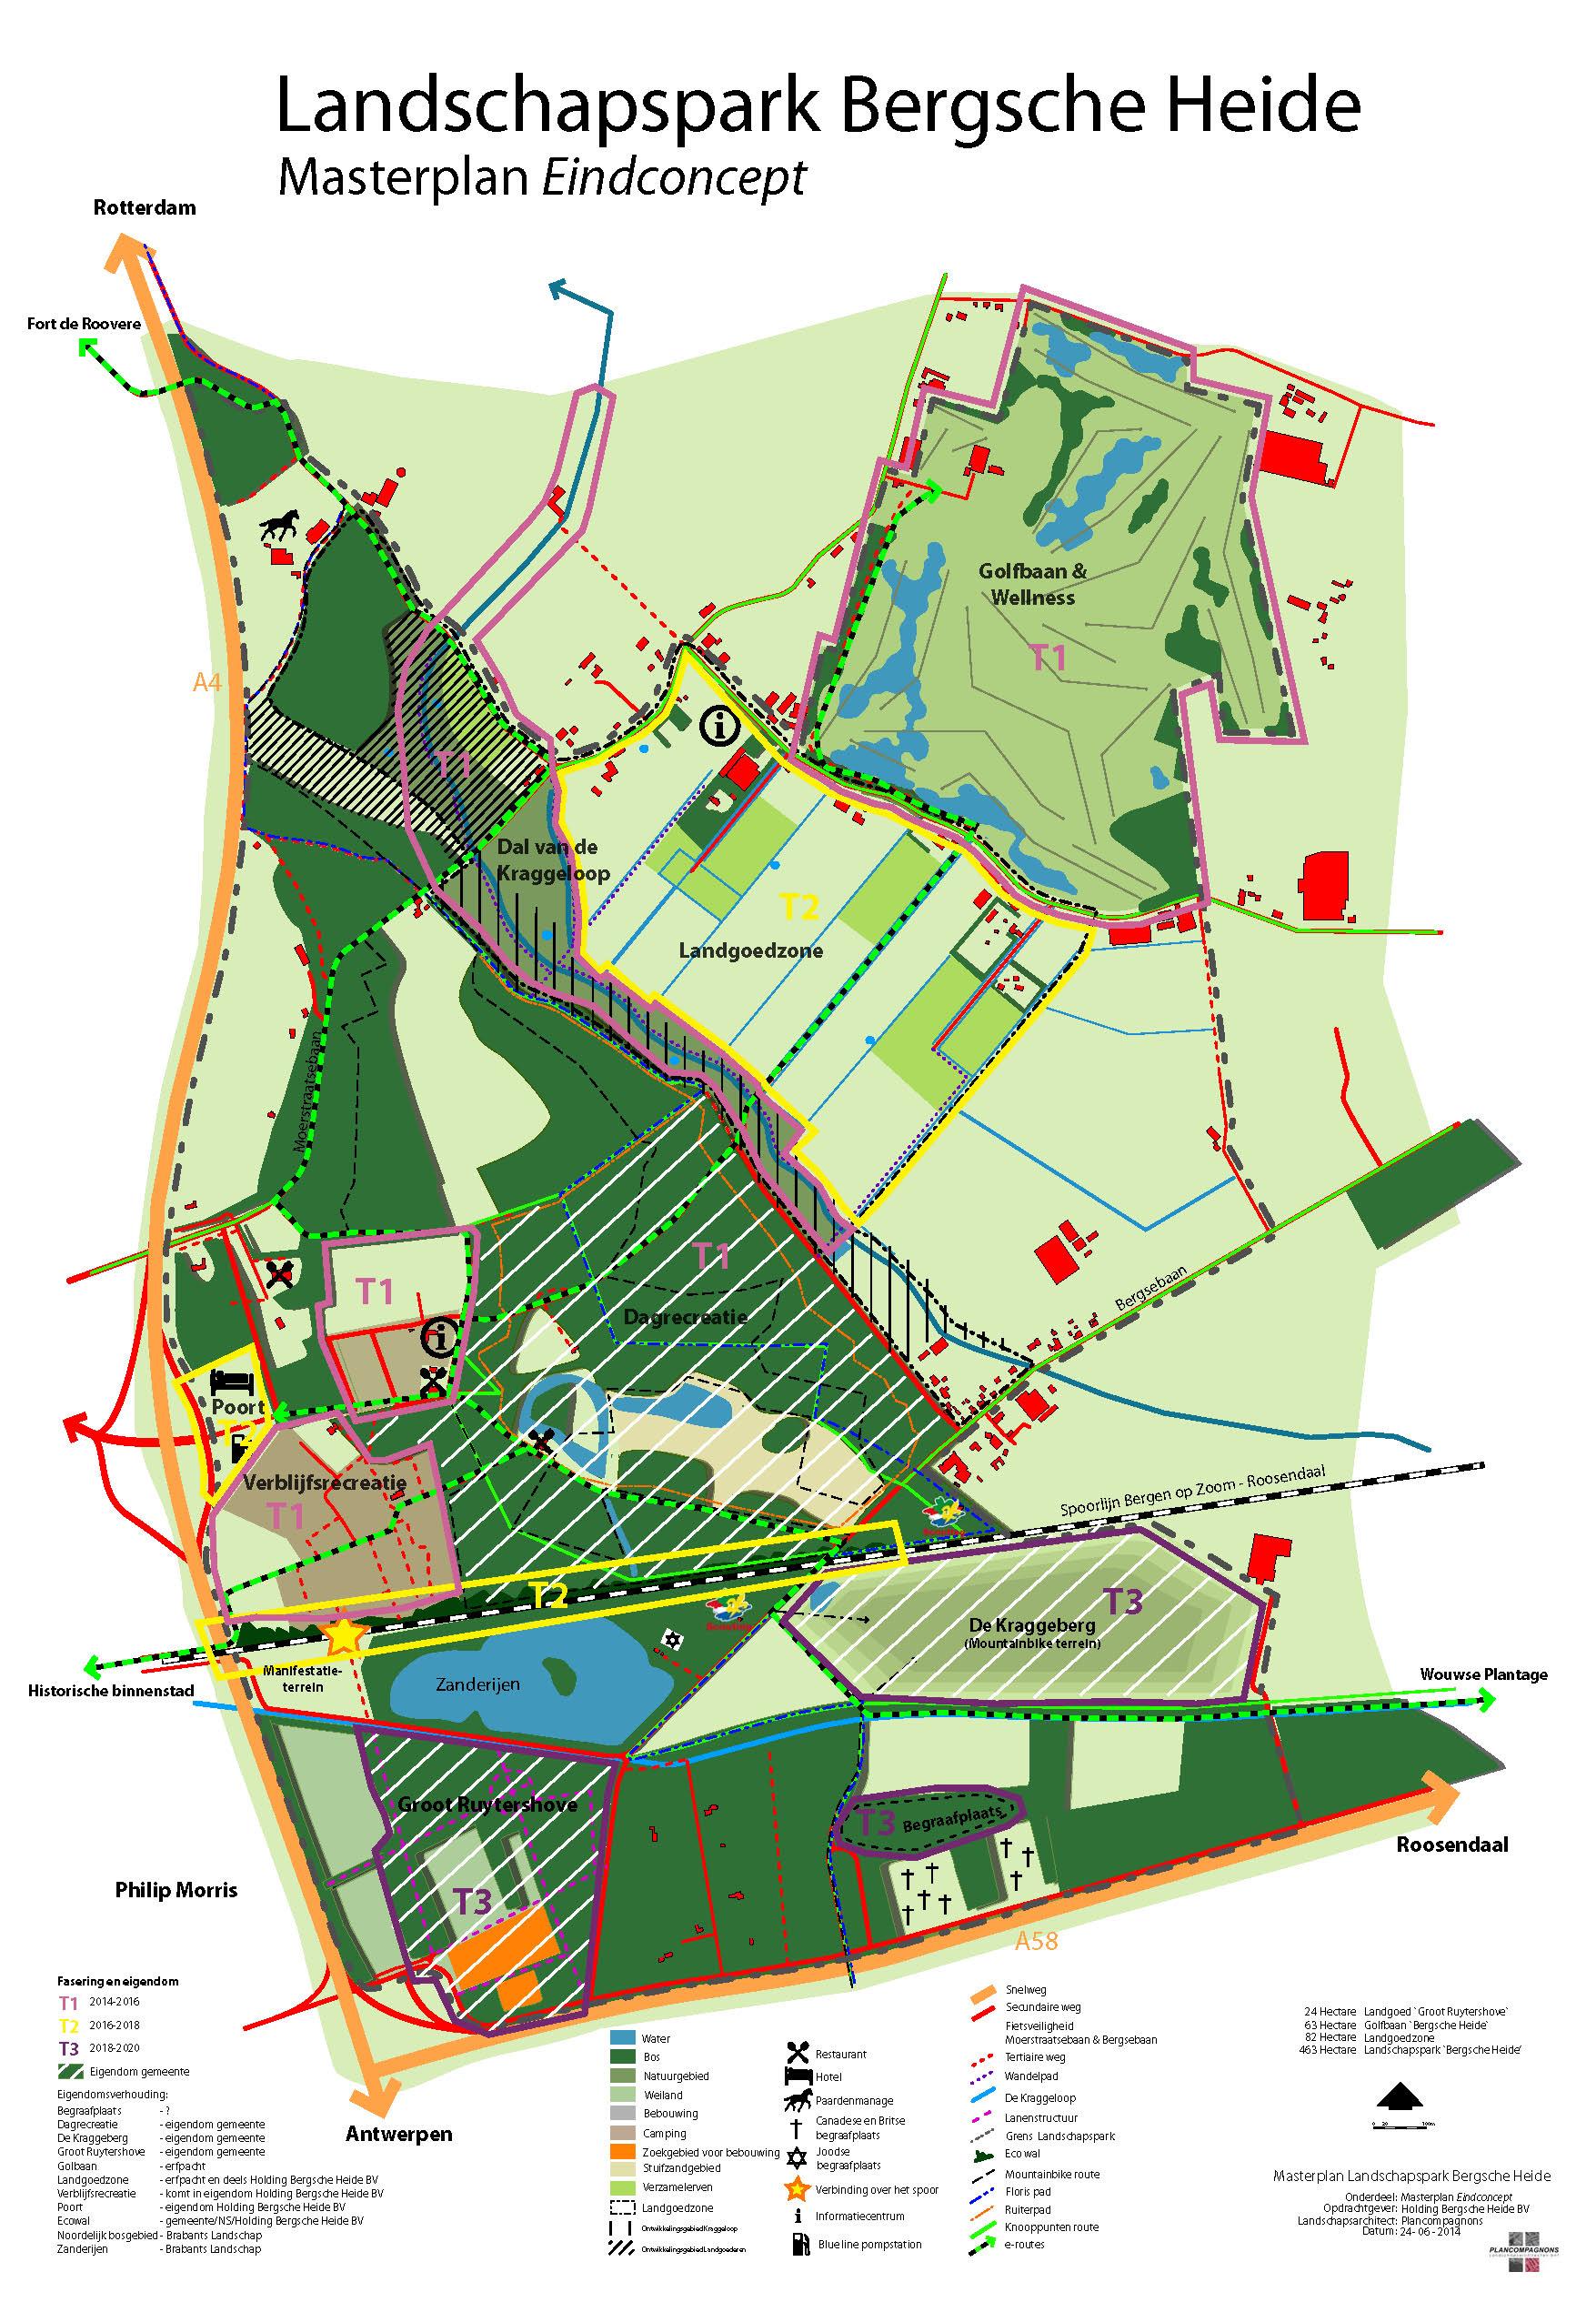 Landschapspark Bergsche Heide, Bergen op Zoom